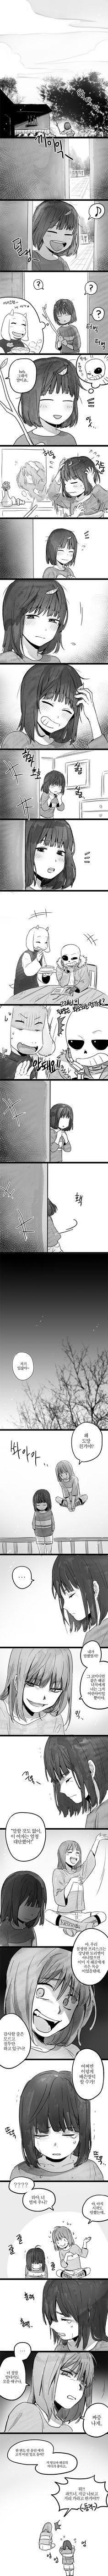 샌즈프리<-토리엘 - 쌍필 그림......